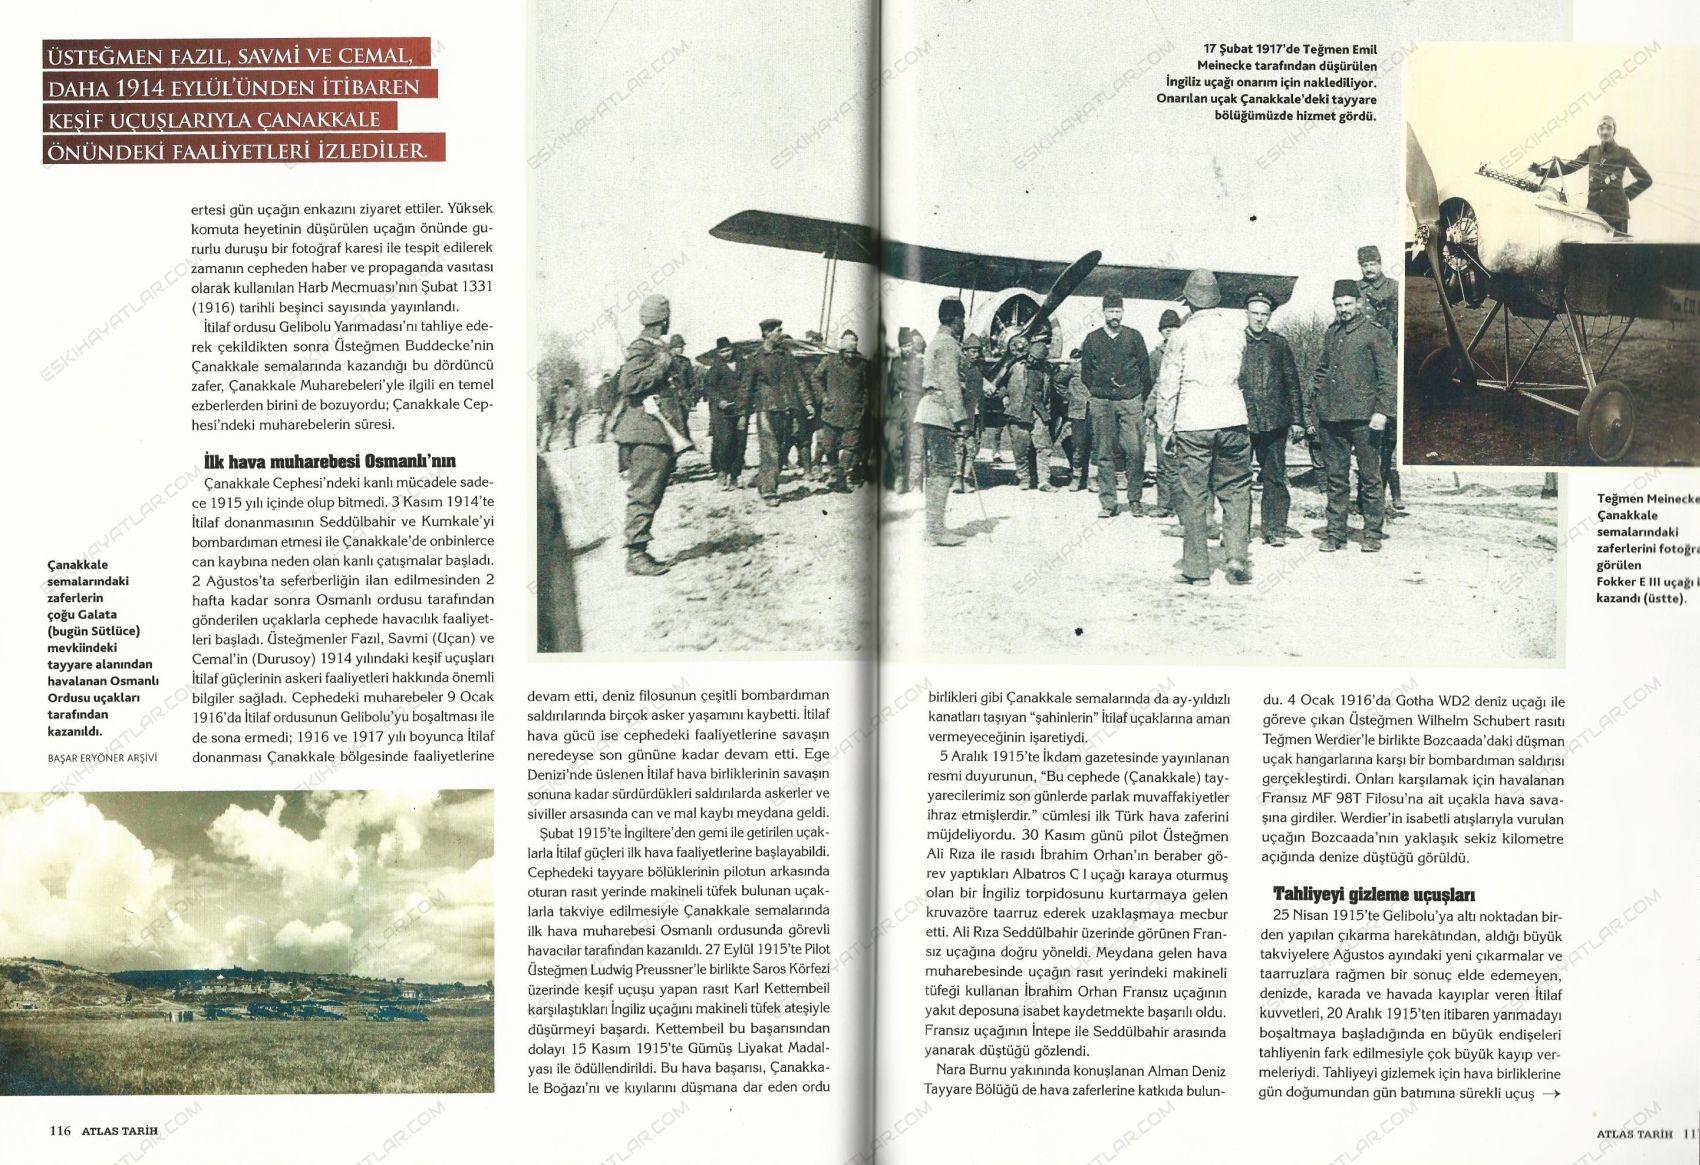 0368-atlas-tarih-canakkale-ozel-sayisi-gelibolu-100-uncu-yil-arsivleri (42)